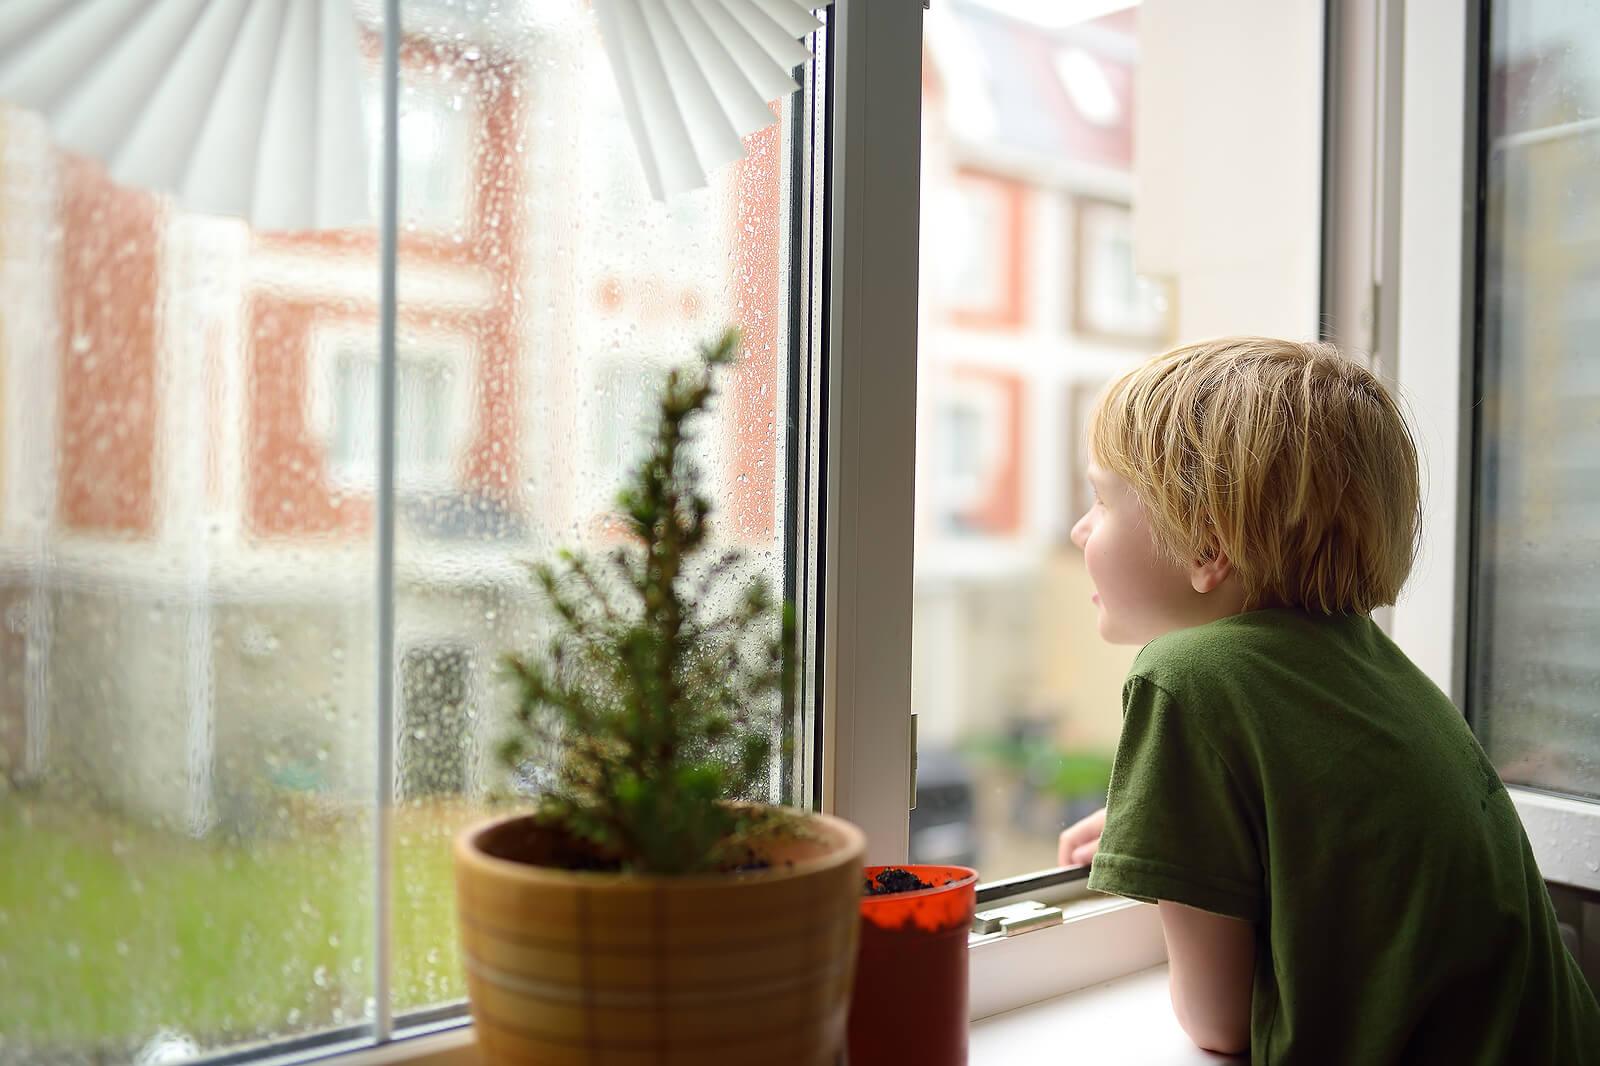 Niño aburrido mirando por la ventana.